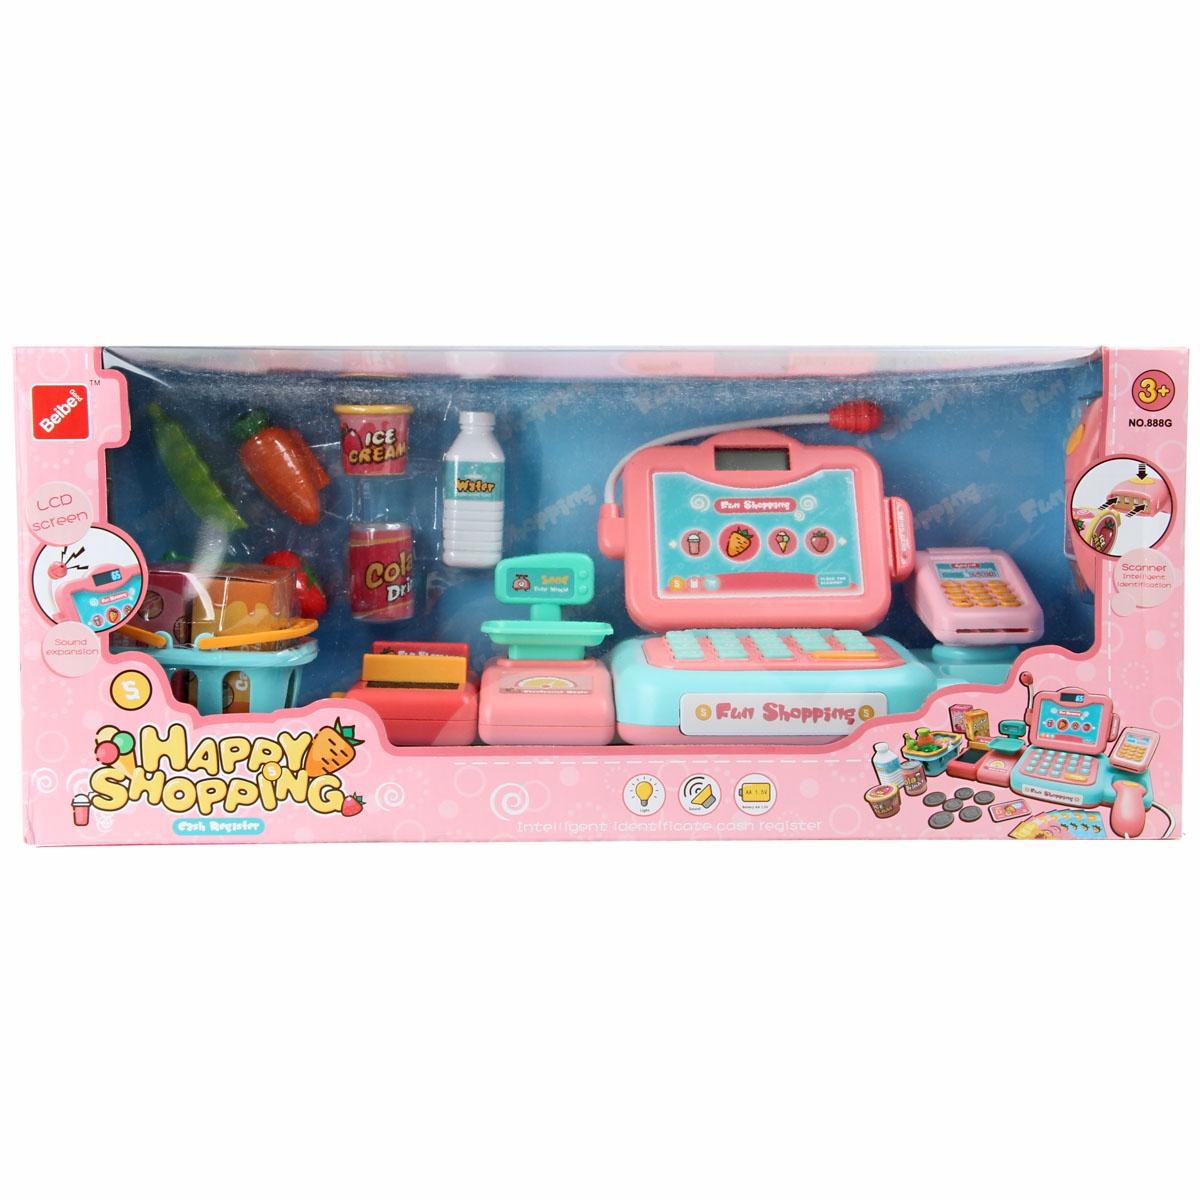 Сюжетно-ролевые игрушки Veld Co 82163 цена